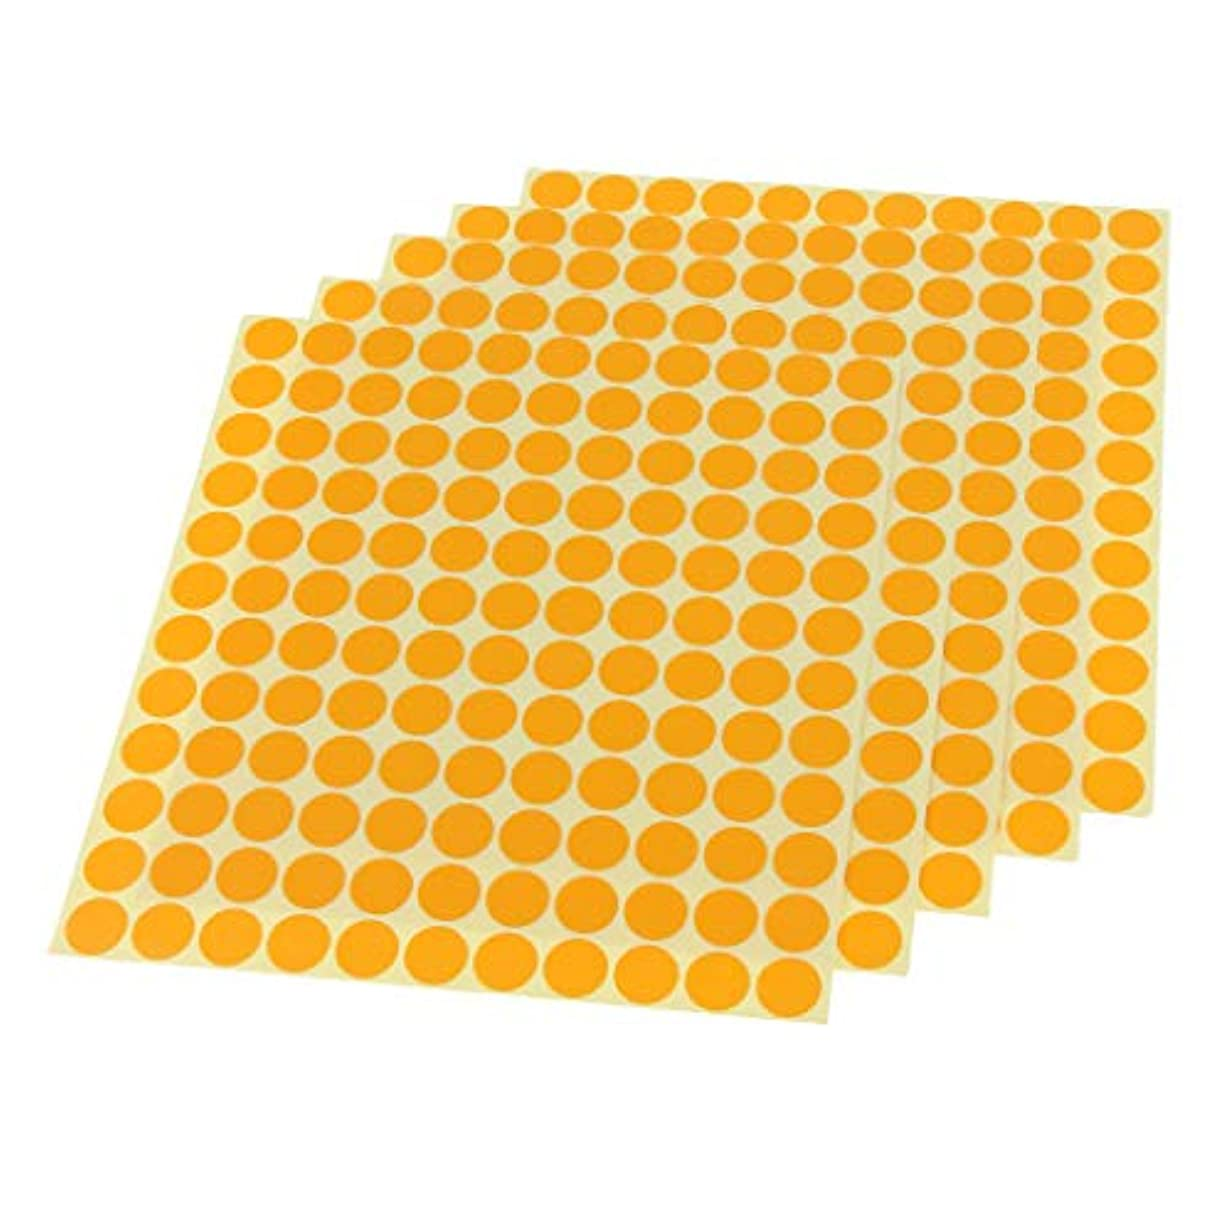 とにかく永久種5個入り ラベルシート エッセンシャルオイル ボトル 貼り付け ステッカー 自己接着ラベル 防水耐油 - オレンジ